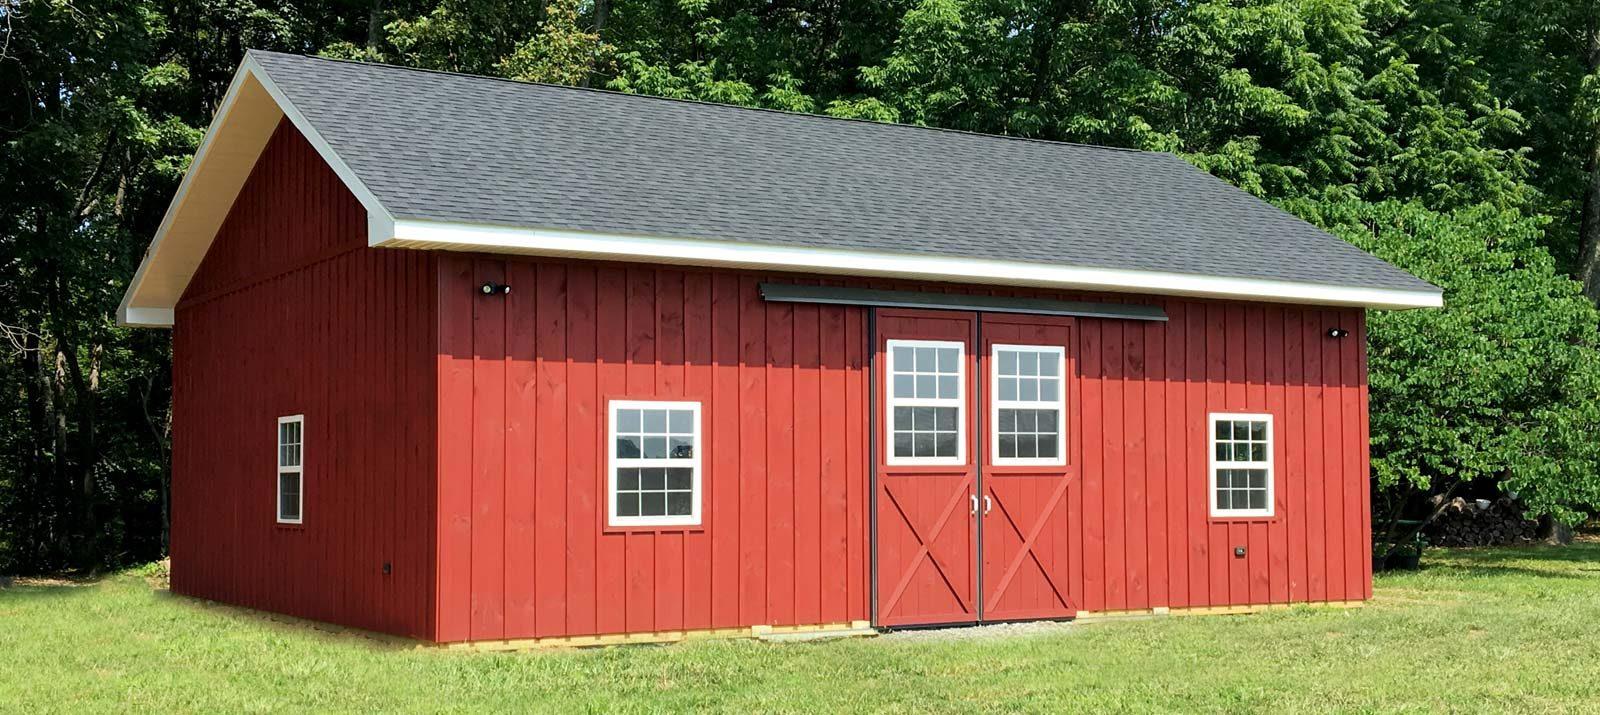 cb-slider-garages-storage-6